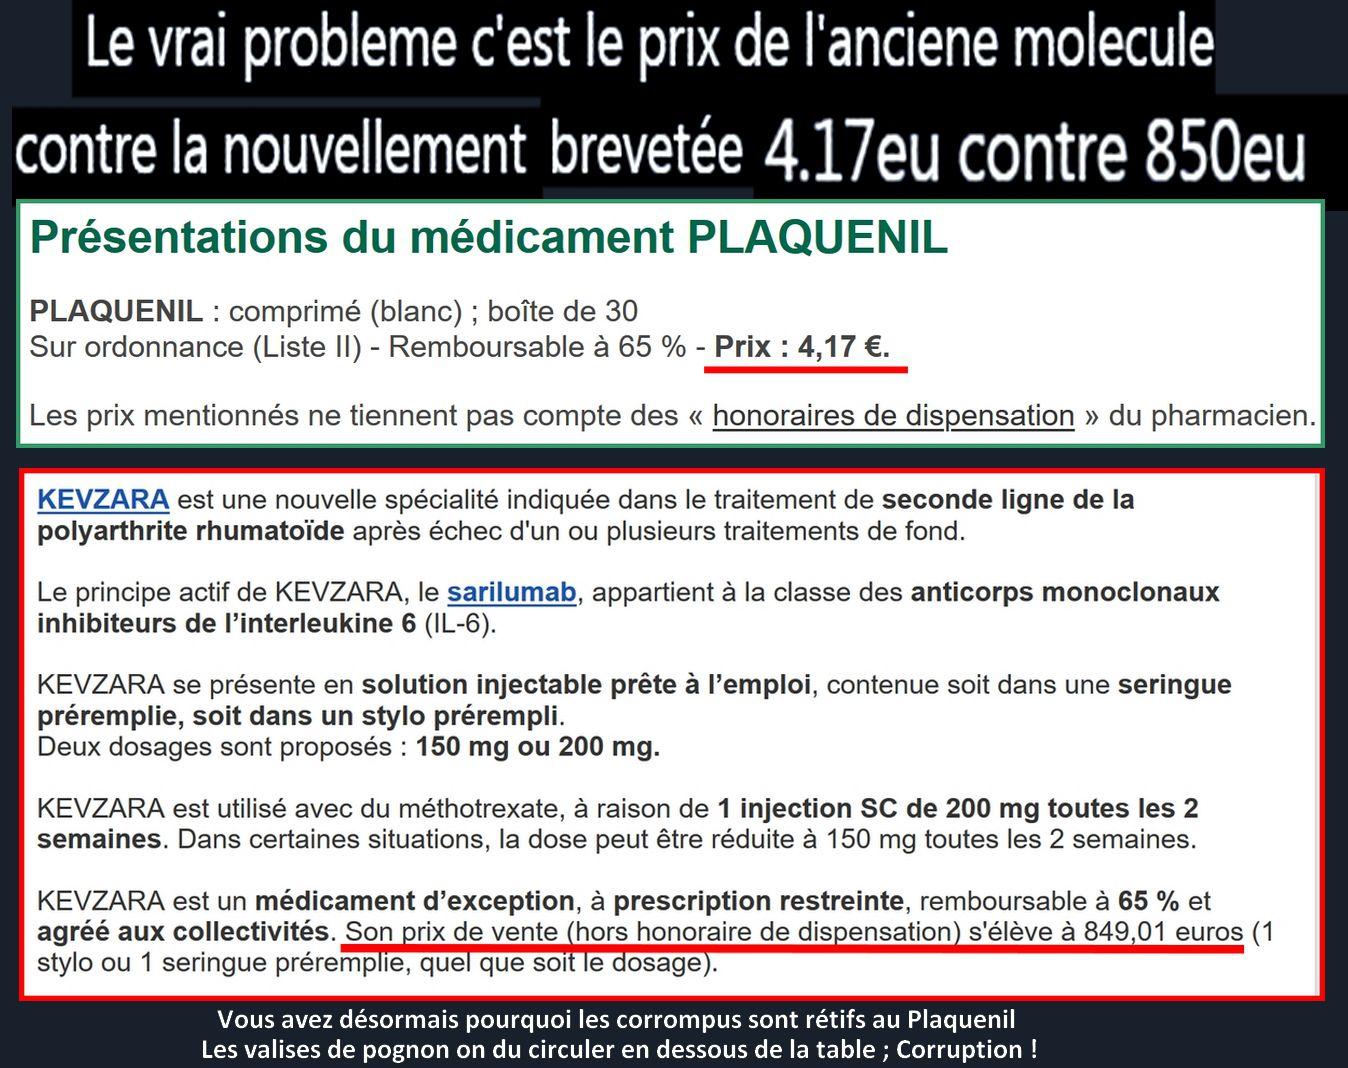 Coronavirus : Le Plaquenil préconisé par le professeur Raoult revient à 4 € alors que le Kevzara de Big Pharma coûte 850 €, donc ça coince